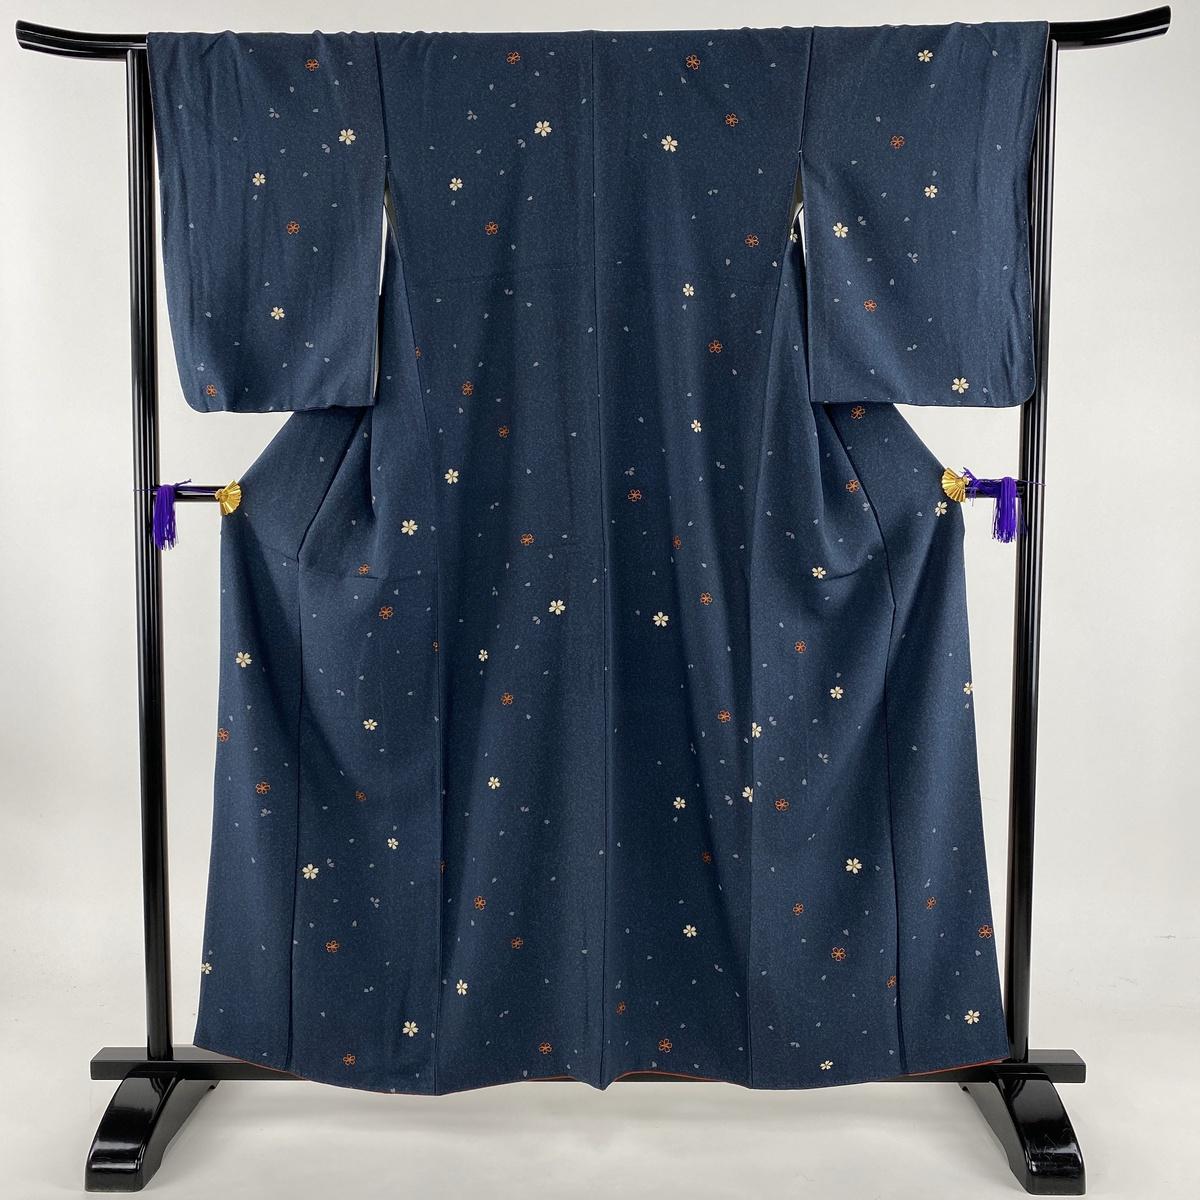 小紋 美品 秀品 桜 桜の花びら 金彩 藍色 袷 身丈159cm 裄丈64.5cm M 正絹 【中古】